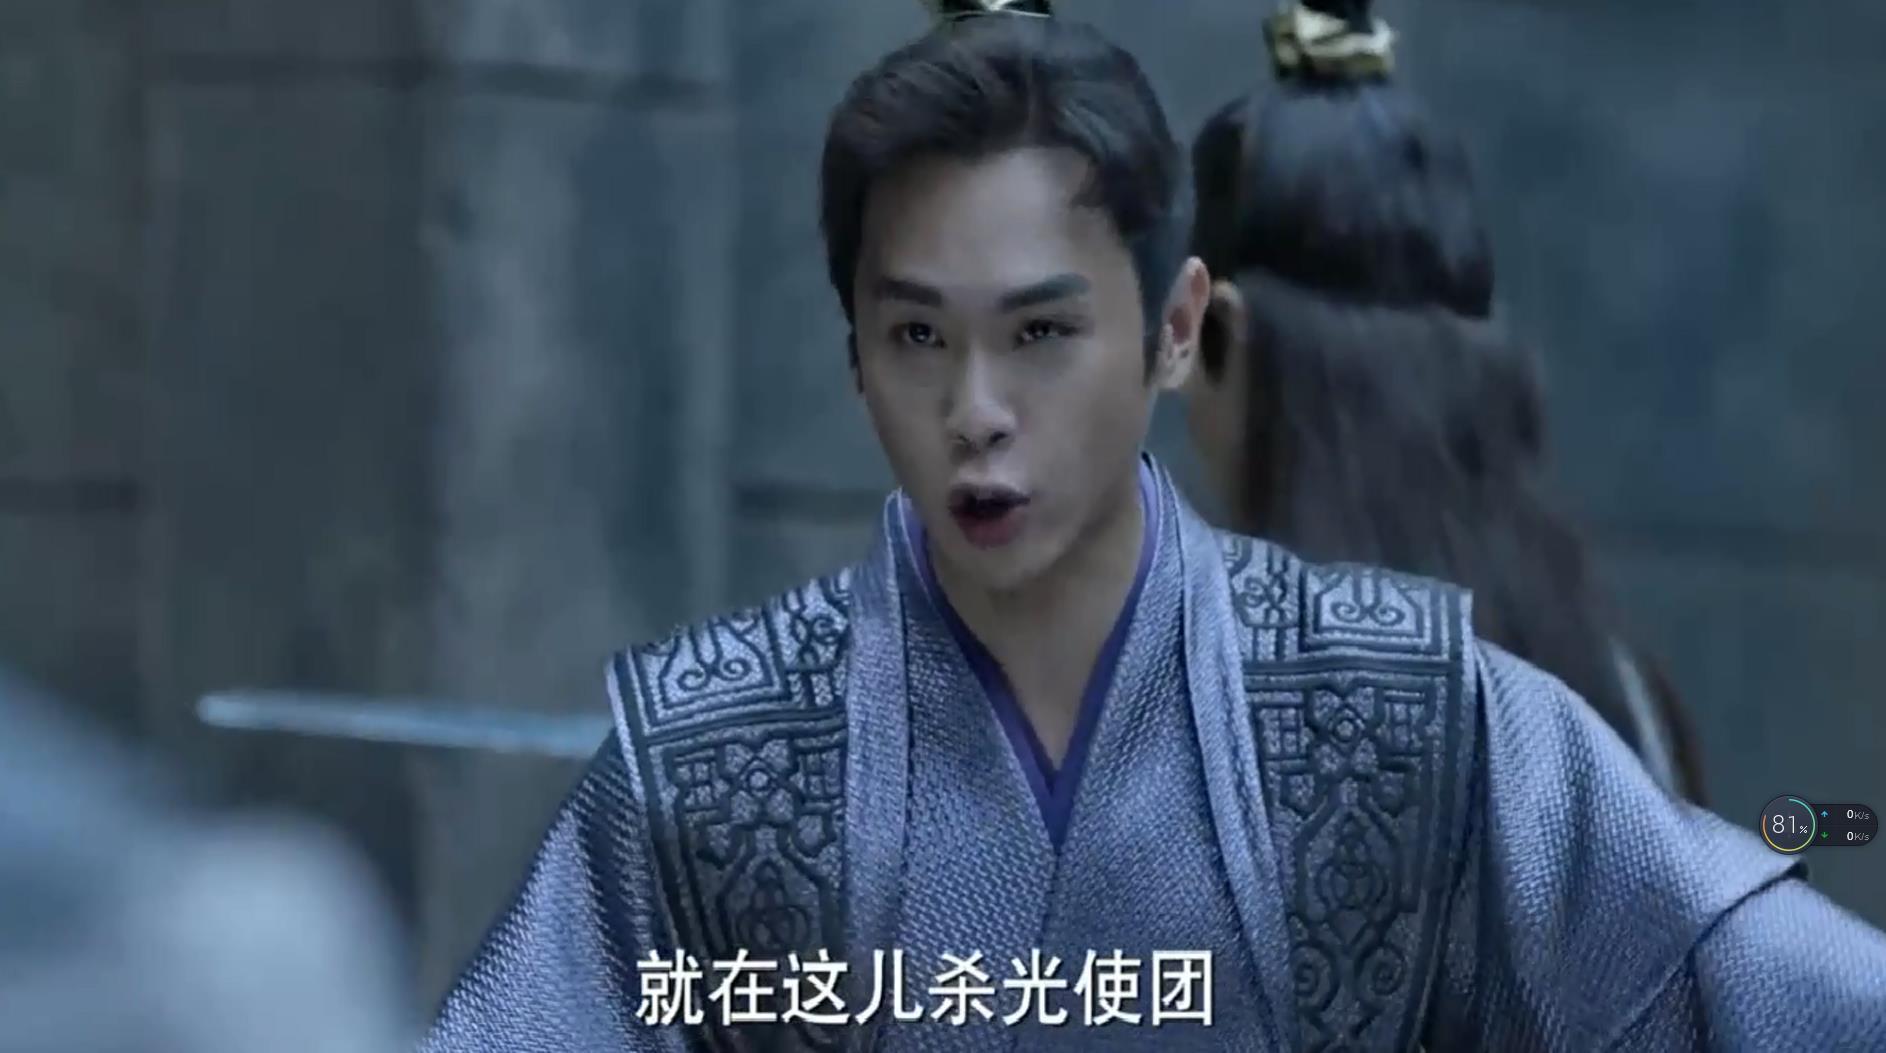 重溫《慶餘年》才懂: 慶帝最疼愛的兒子, 並非范閑, 而是大皇子-圖6